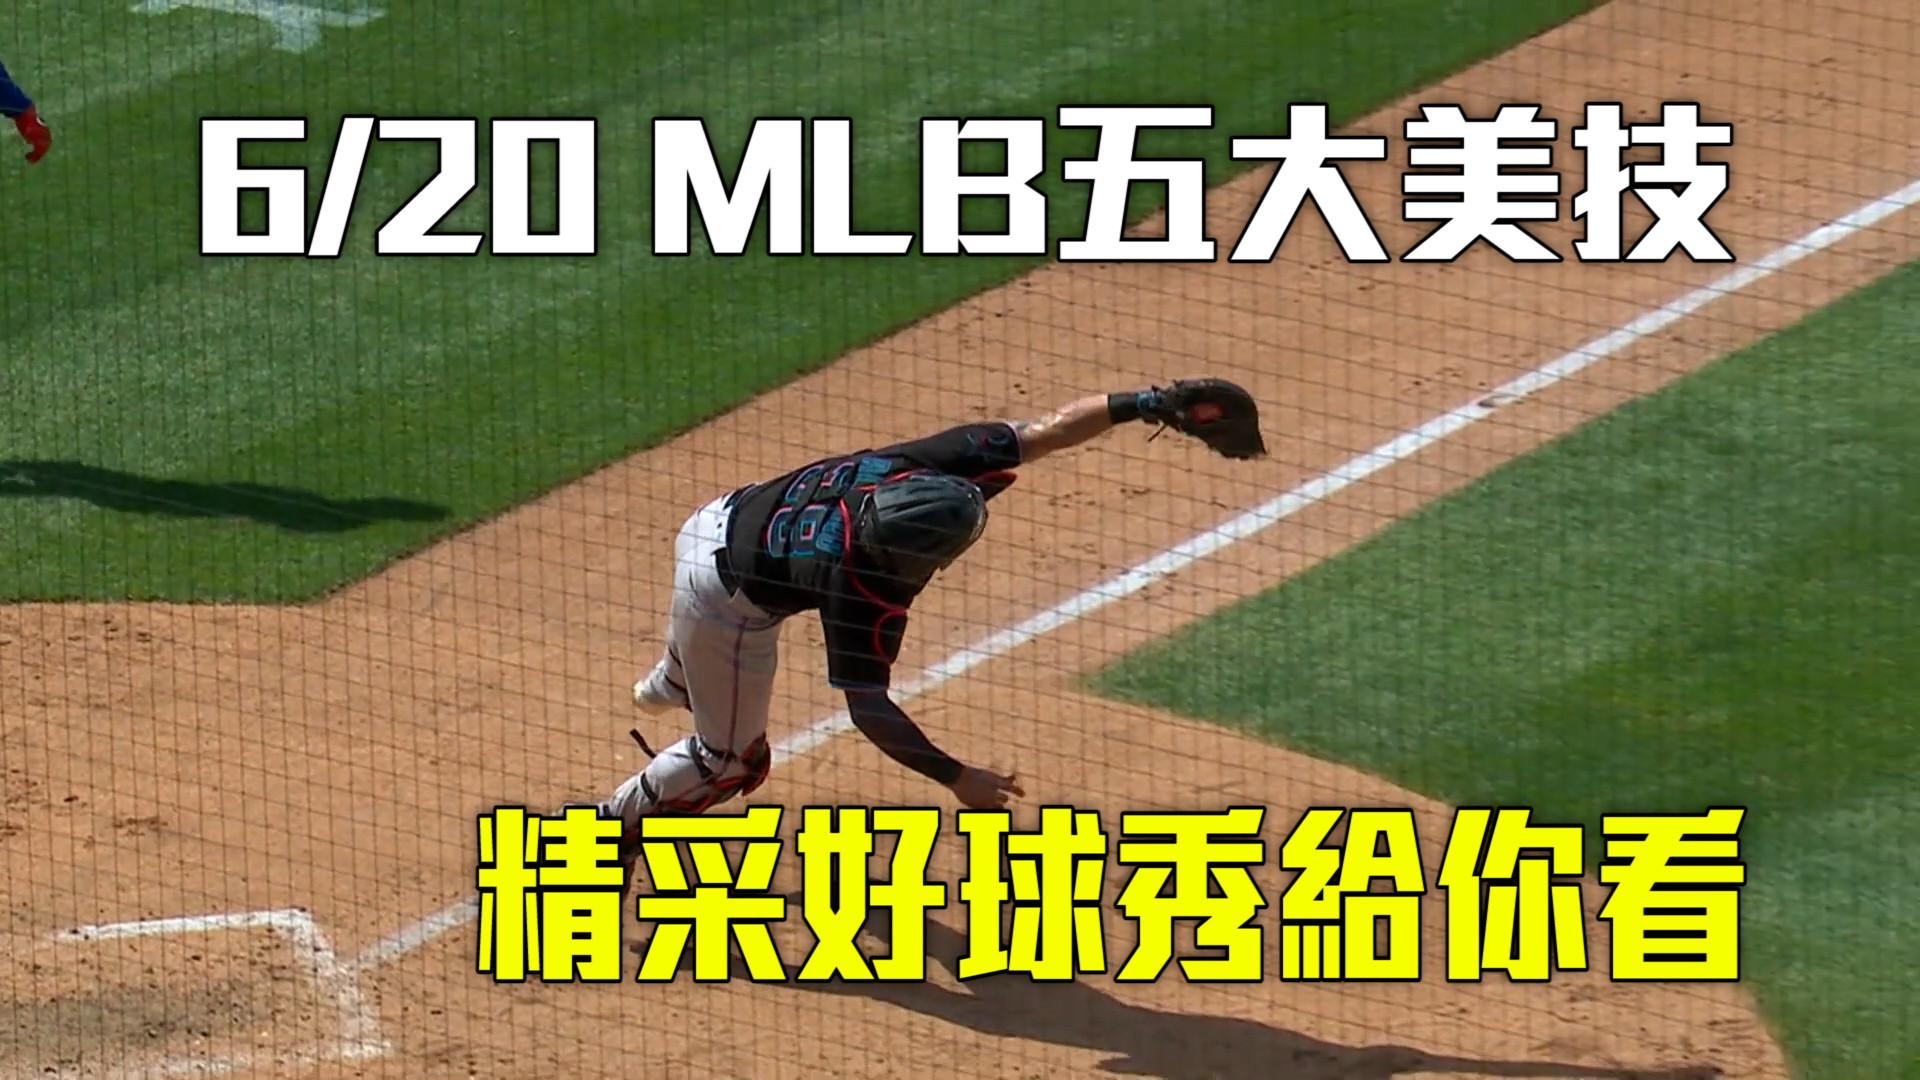 【MLB看愛爾達】MLB五大好球 精彩美技秀給你看 06/20